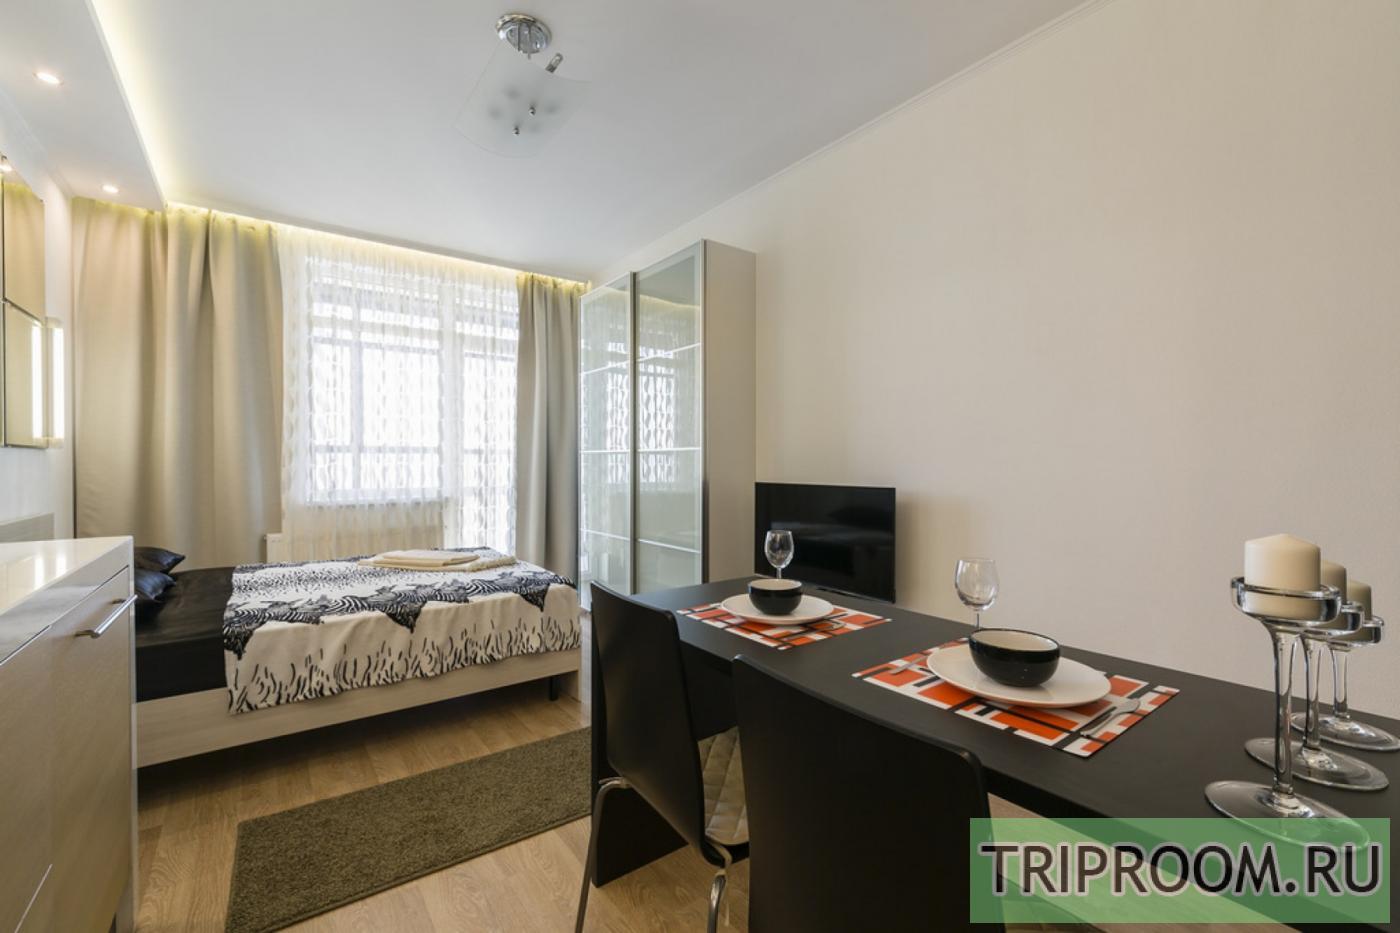 1-комнатная квартира посуточно (вариант № 18461), ул. Адмирала Черокова улица, фото № 18